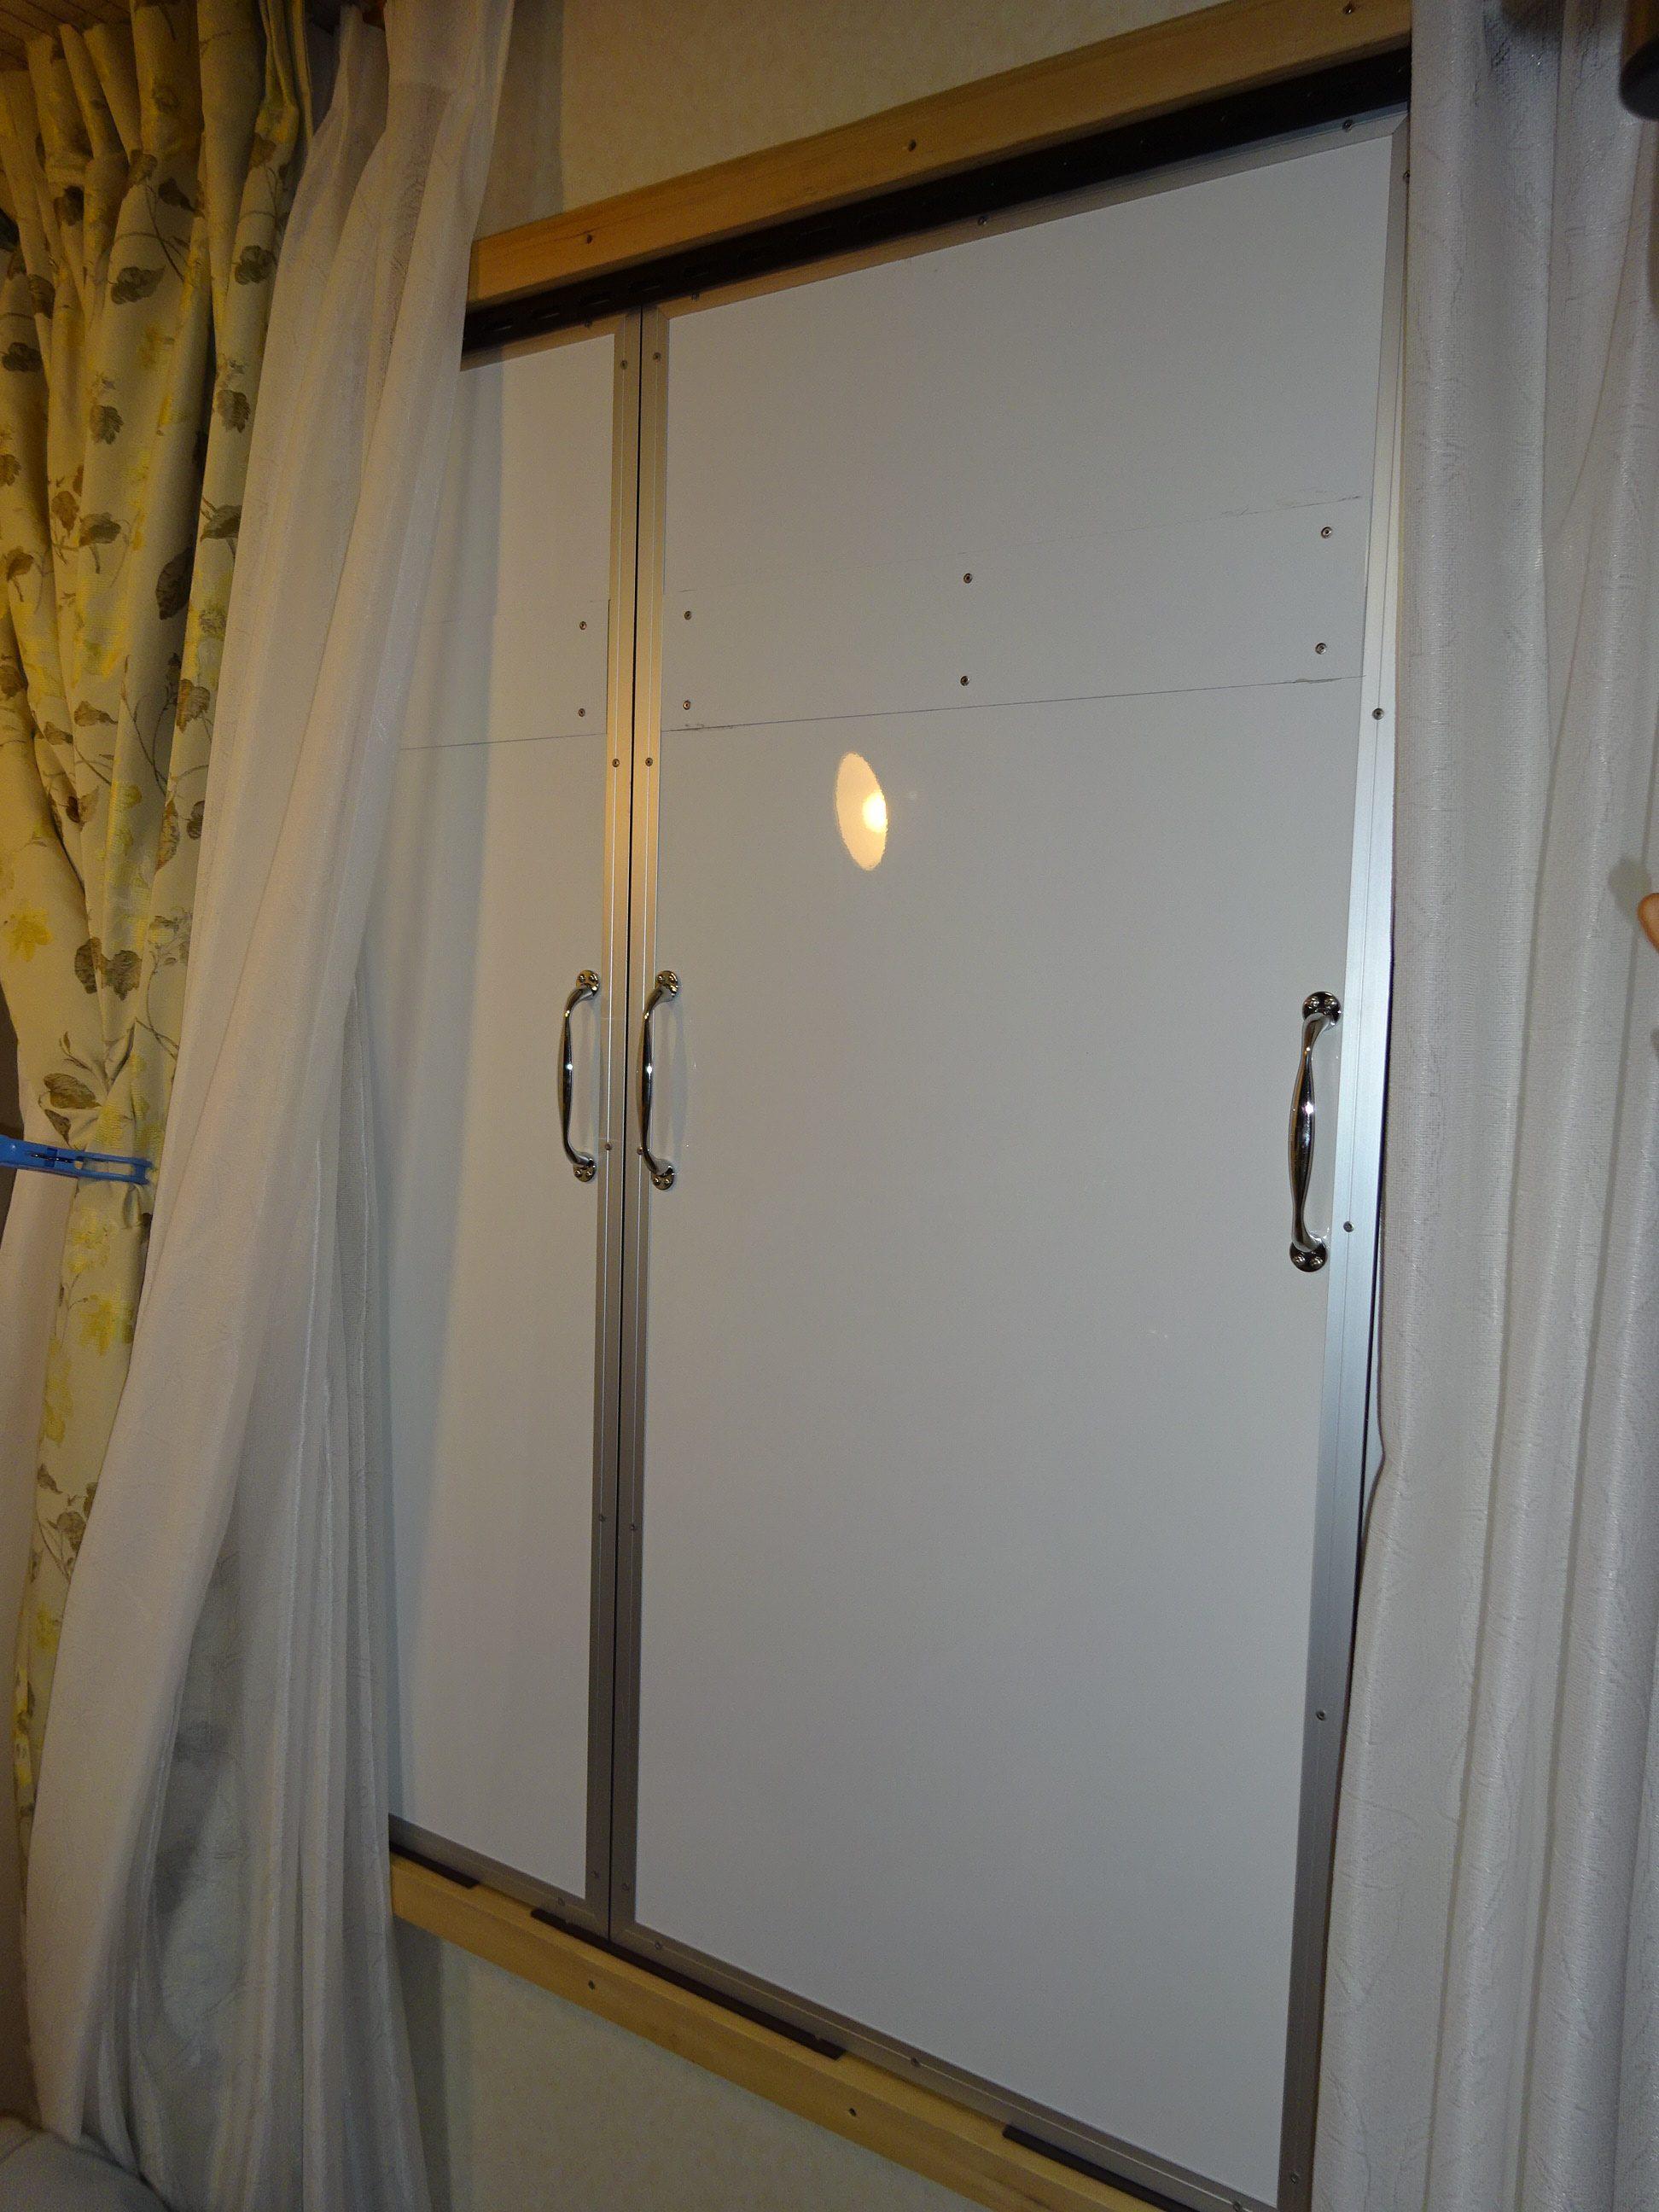 ハイエンドオーディオユーザーにおススメ。窓の吸音・防音対策